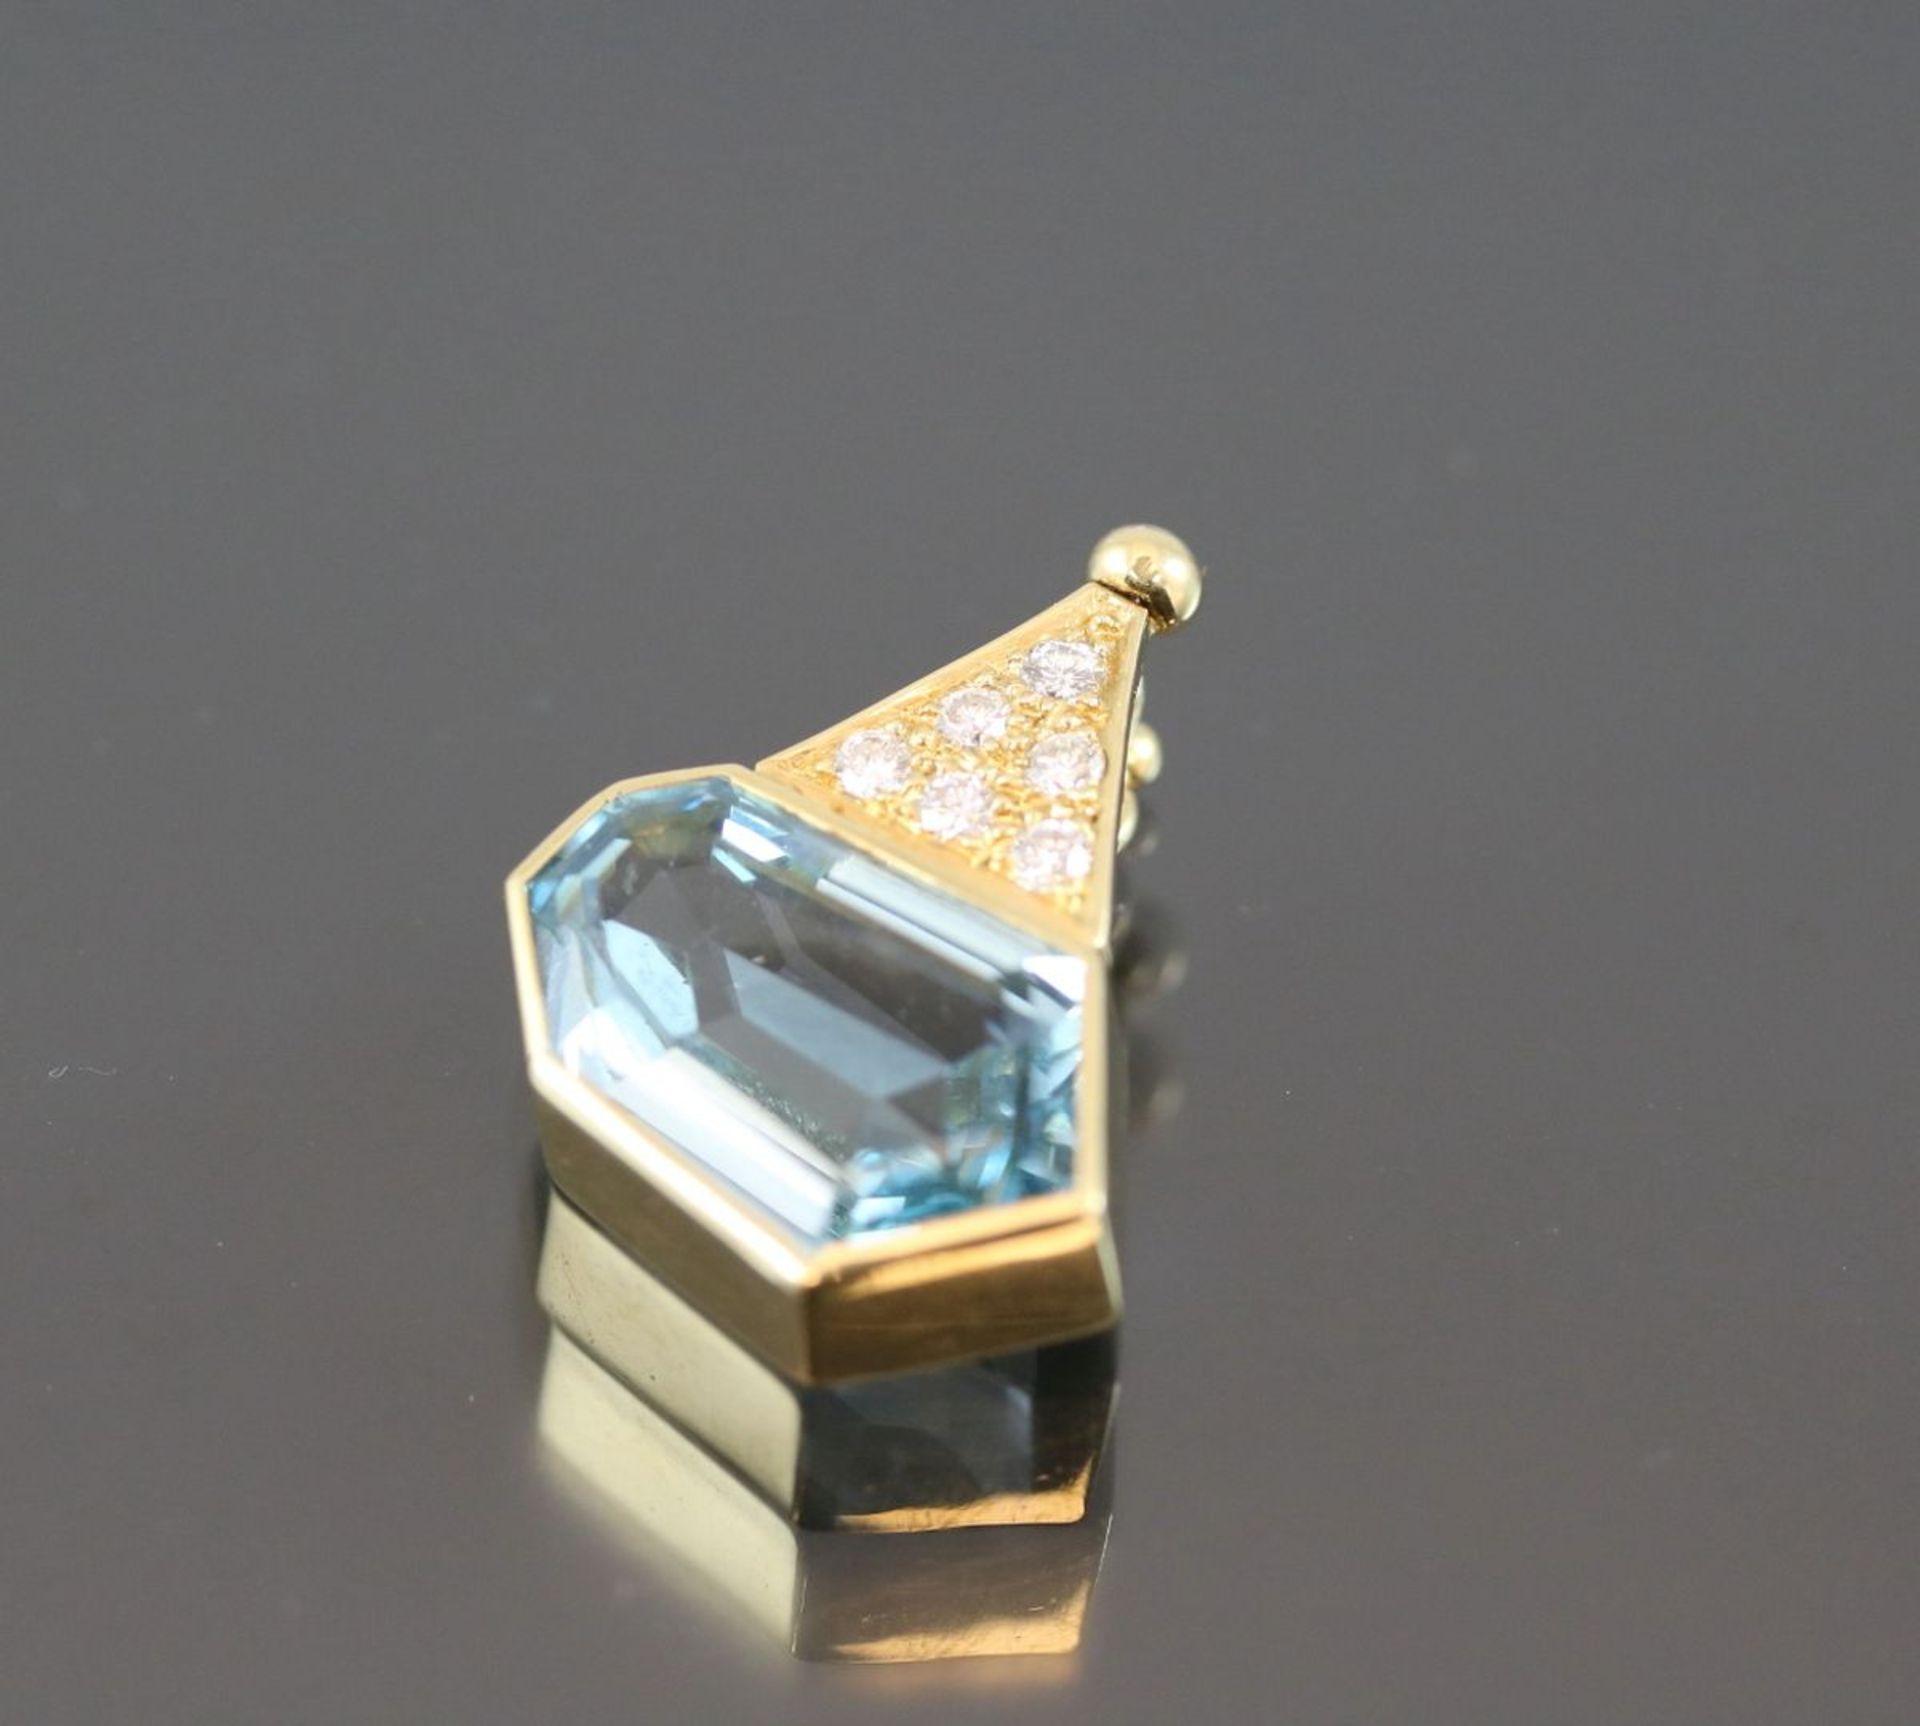 Aquamarin-Brillant-Anhänger, 750 Gelbgold5,9 Gramm 6 Brillanten, 0,24 ct., tw/vsi. 1 Aquamarin 7,